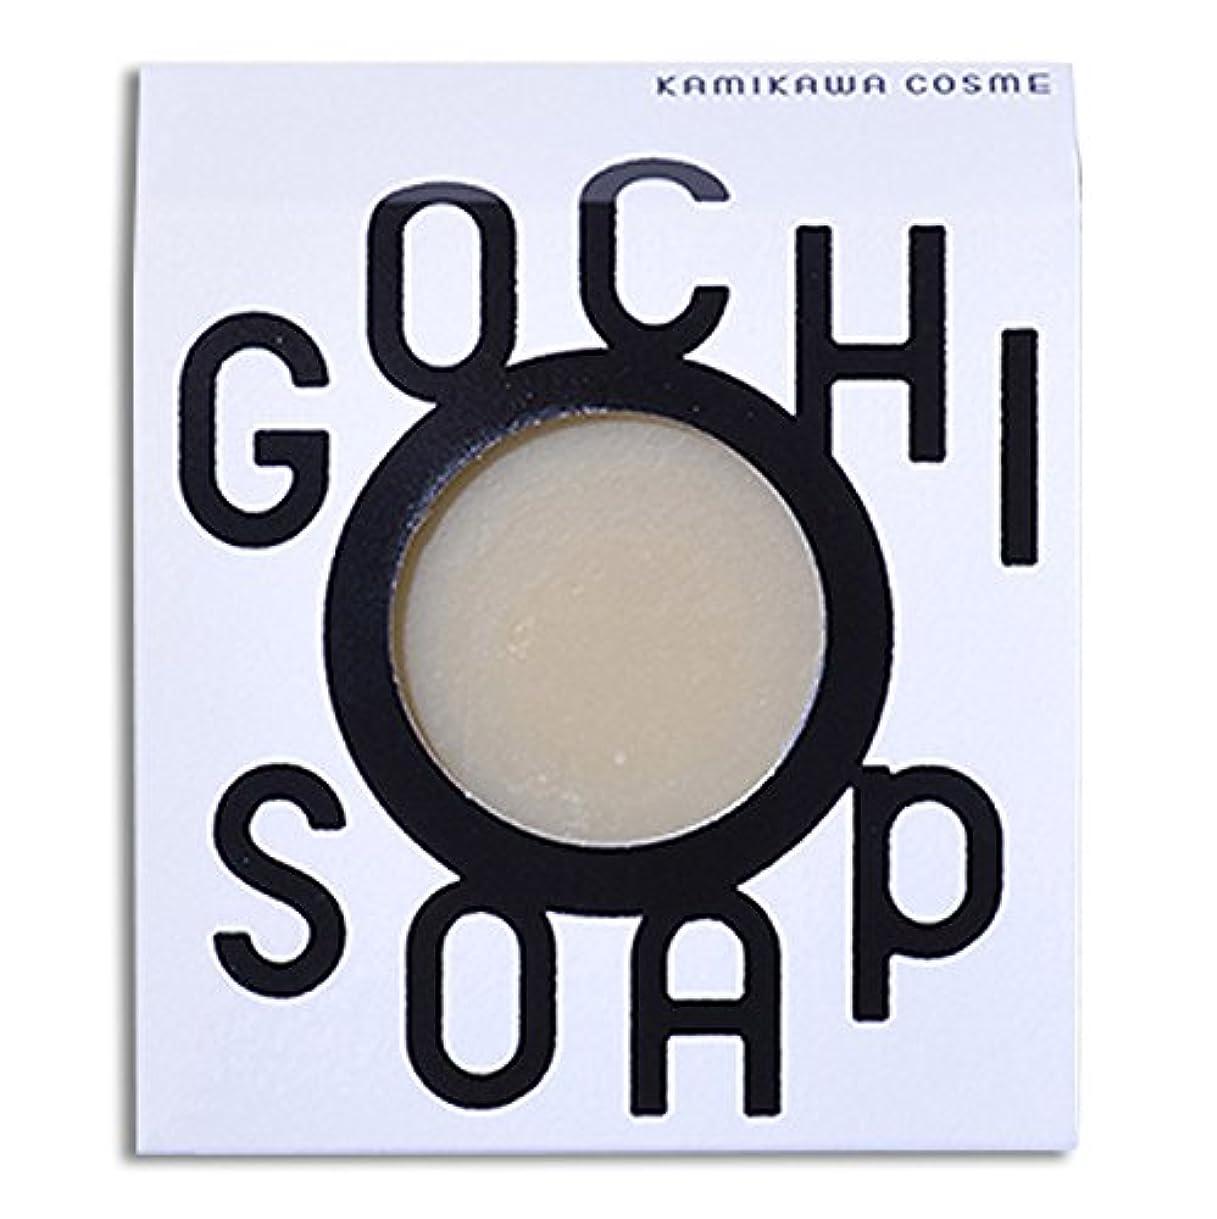 従者趣味シュガー道北の素材を使用したコスメブランド GOCHI SOAP(伊勢ファームの牛乳ソープ?平田こうじ店の米糀ソープ)各1個セット